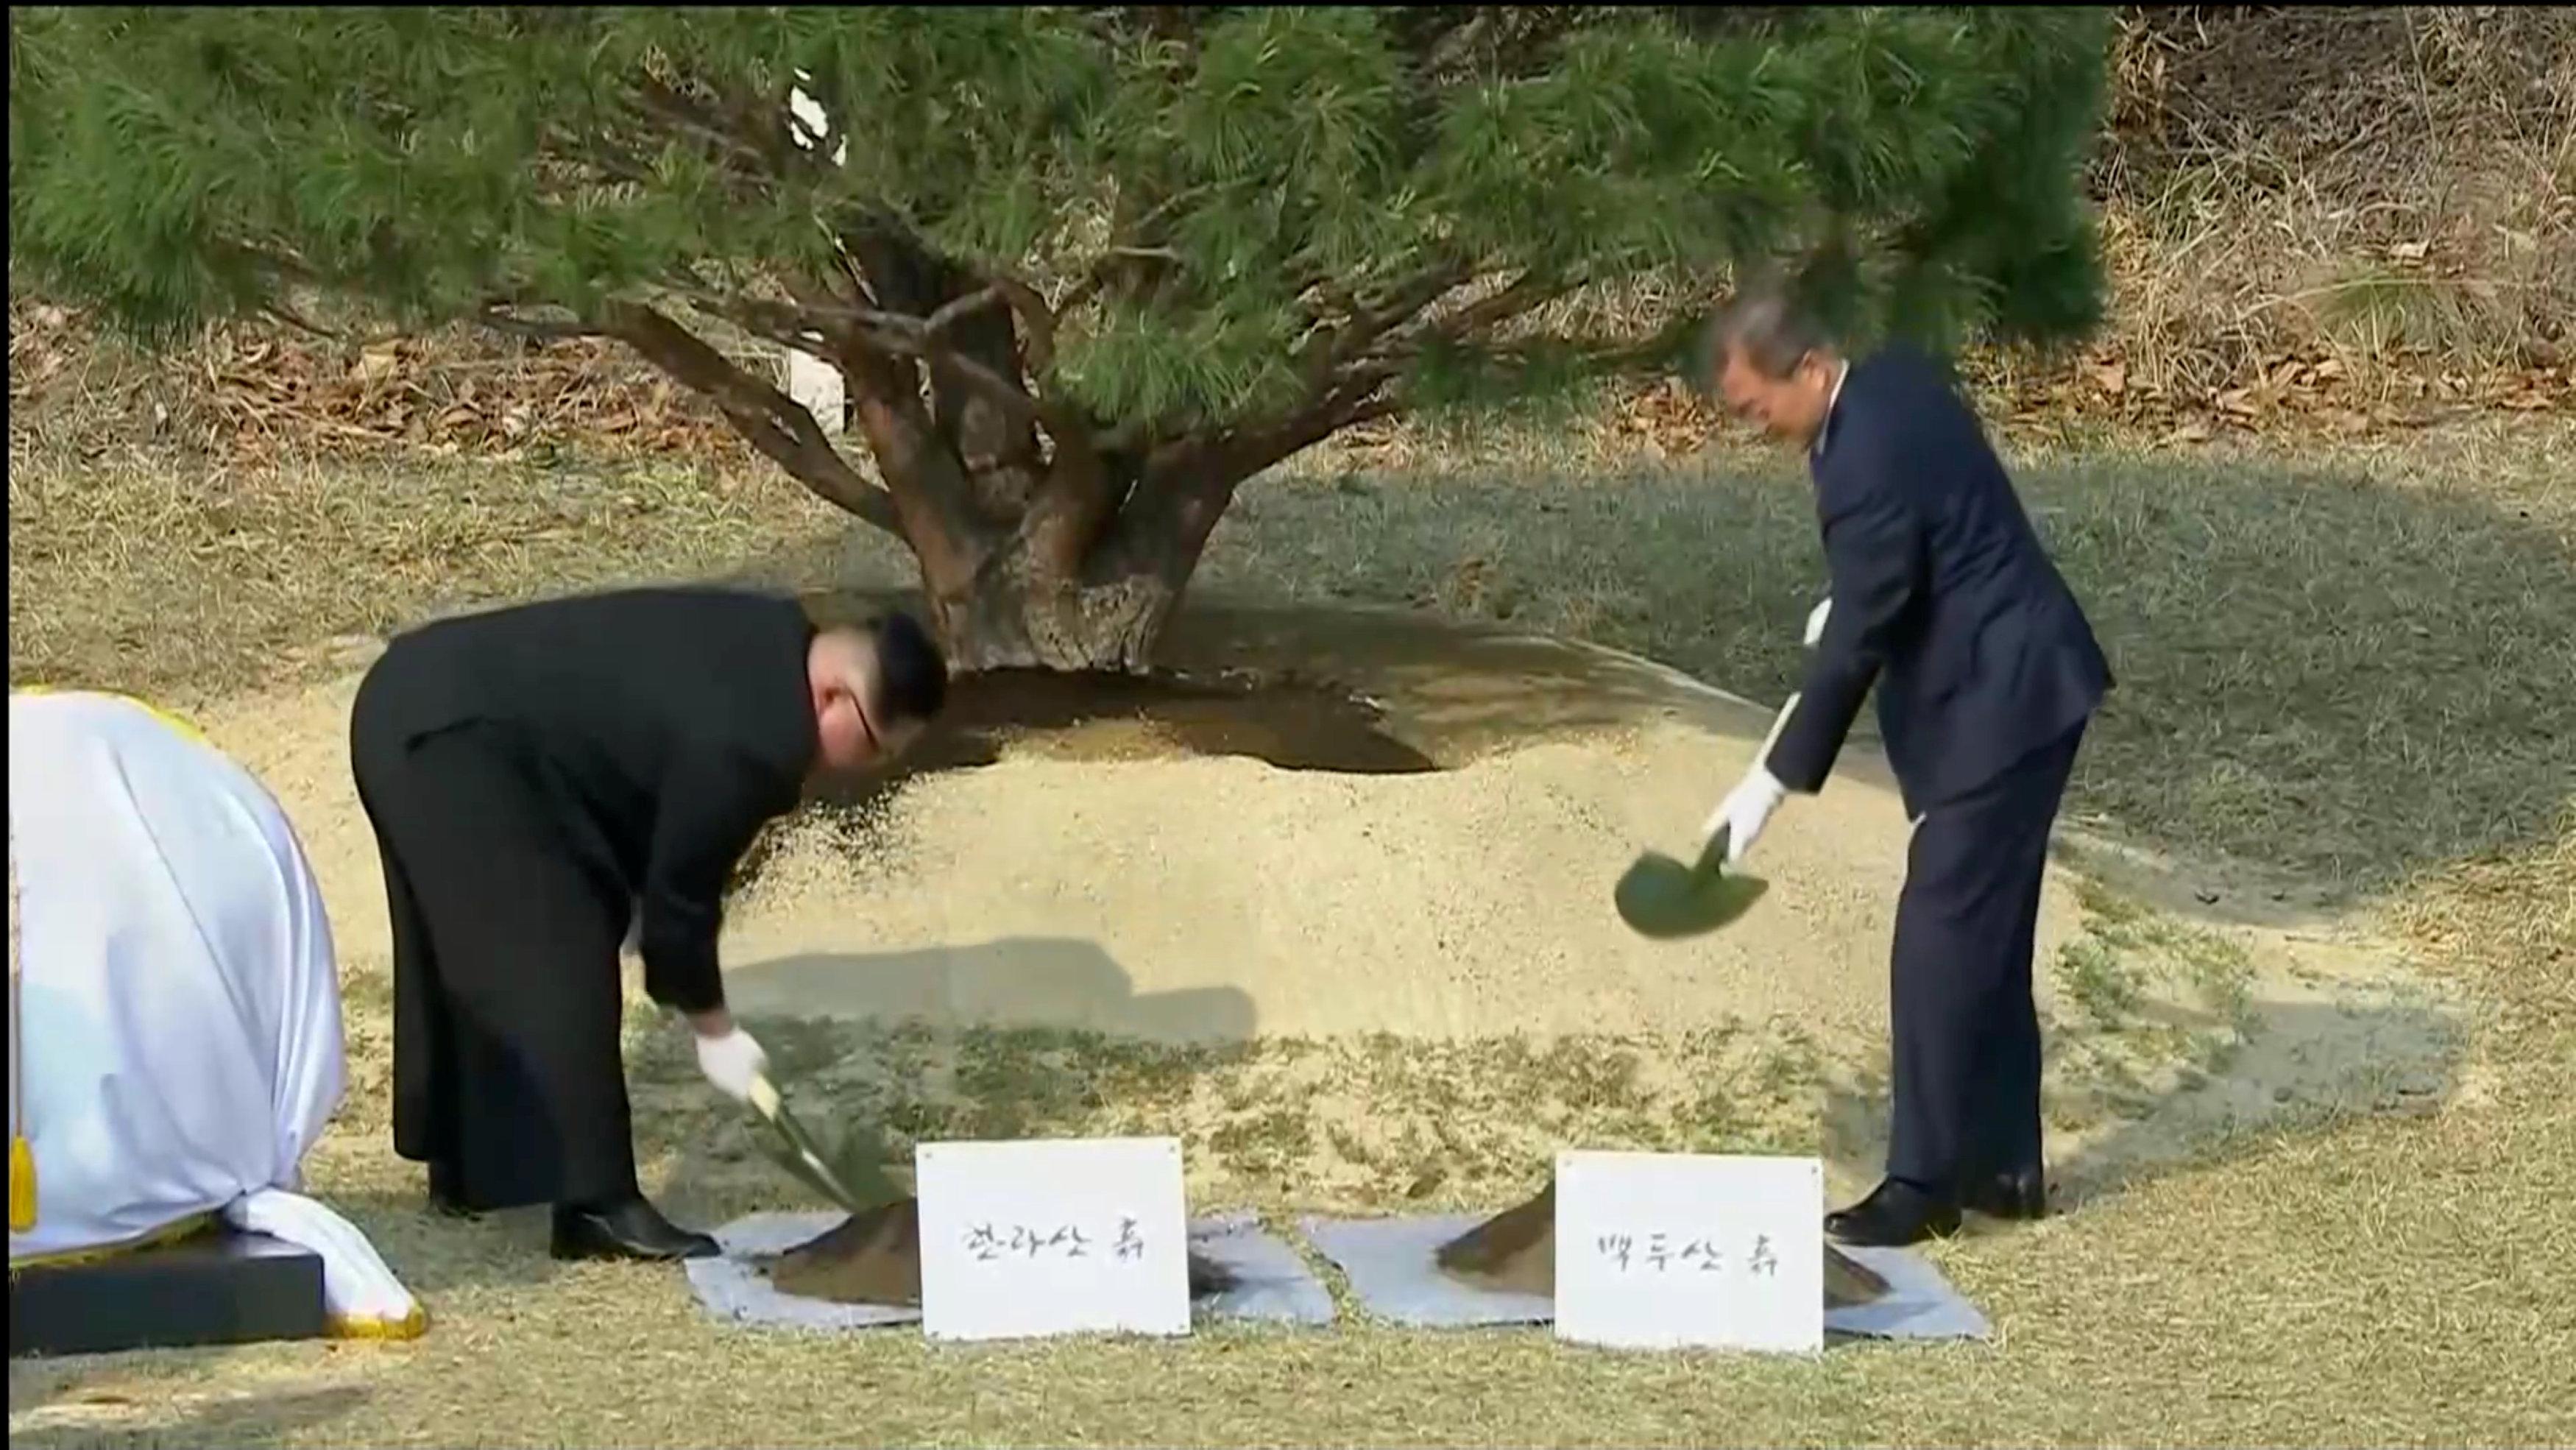 Momento en el los dos líderes realizan una ceremonia de plantar un árbol.